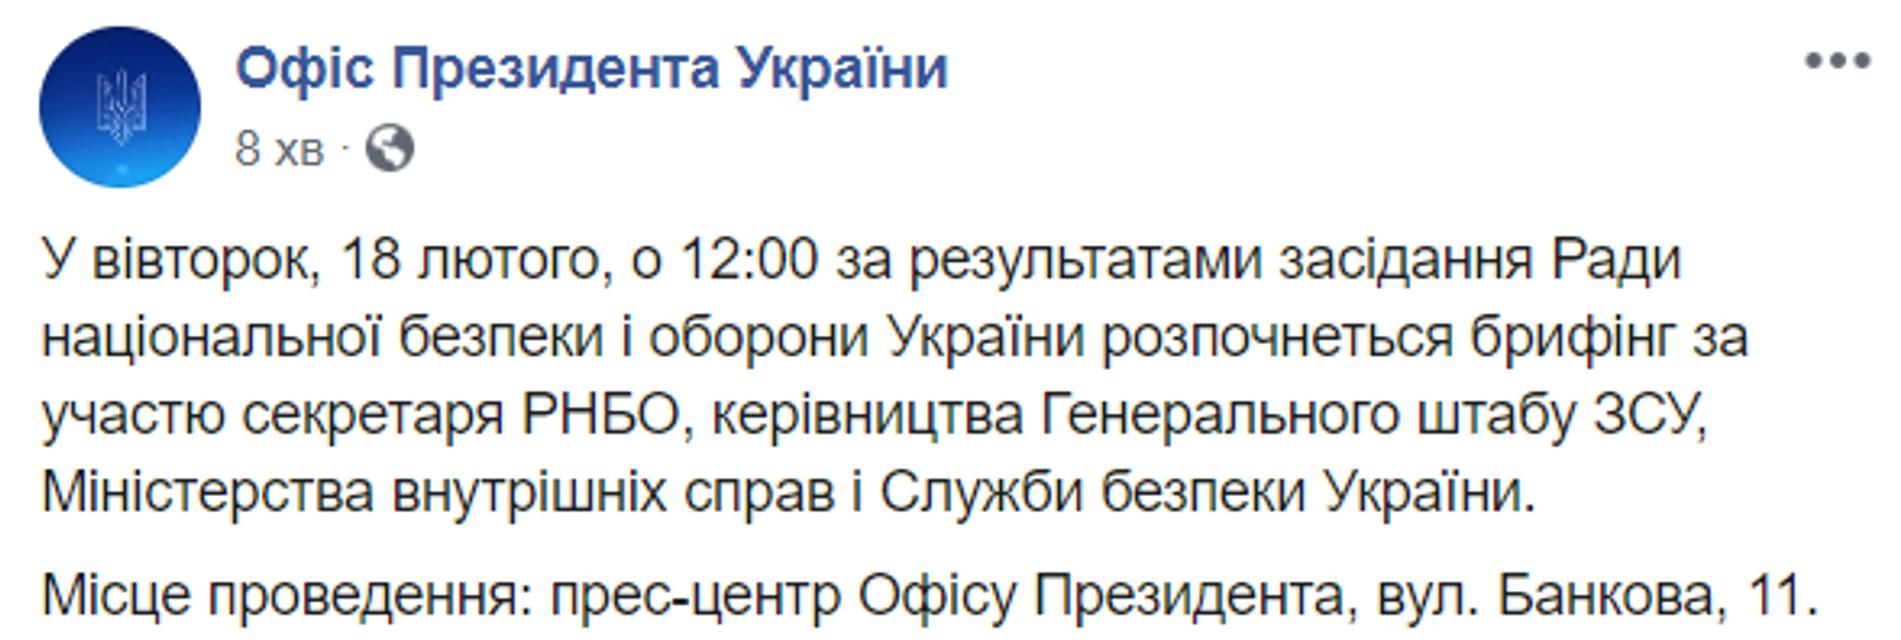 Оккупанты пошли на прорыв в районе Золотого-4, СНБО собирается на экстренное заседание - фото 195968